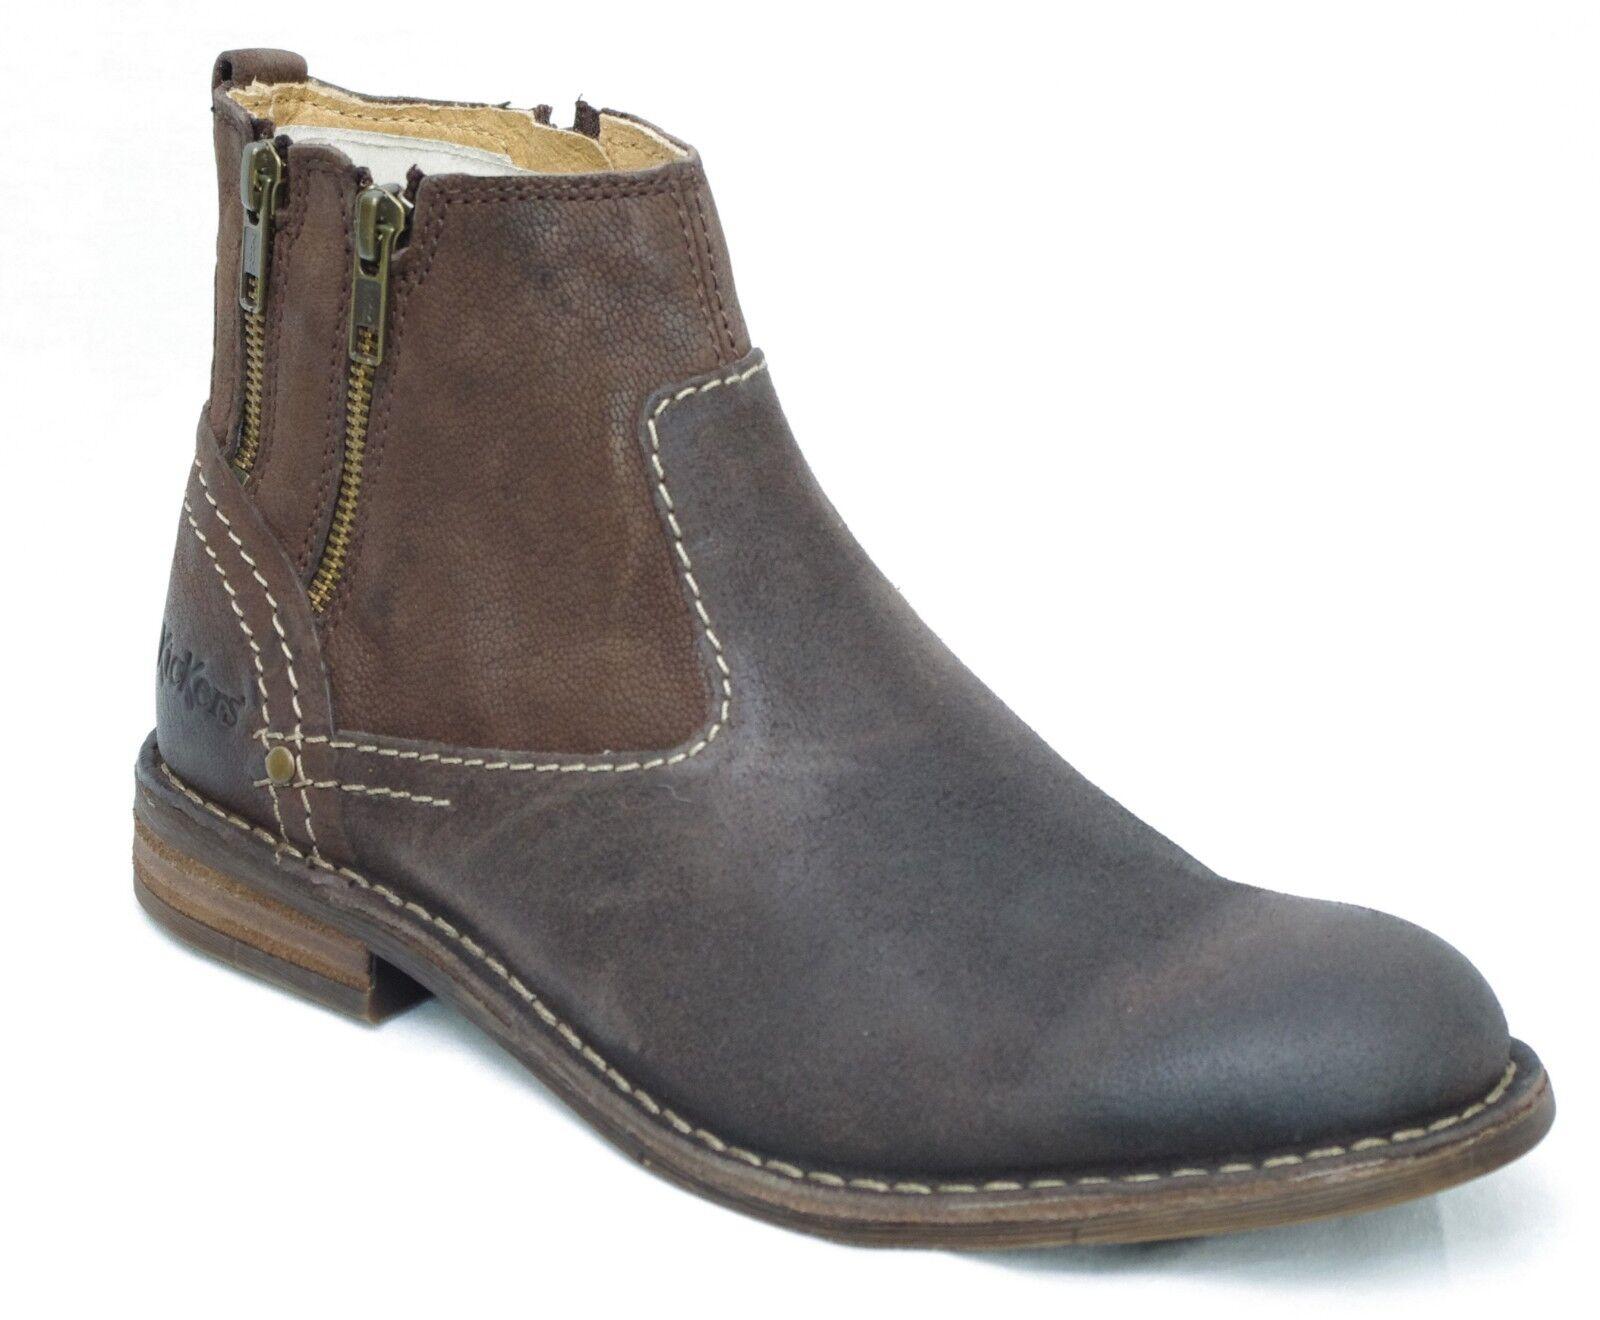 KICKERS BARVAL chaussures boots cuir nubuck Marron Foncé homme 507890 - 92